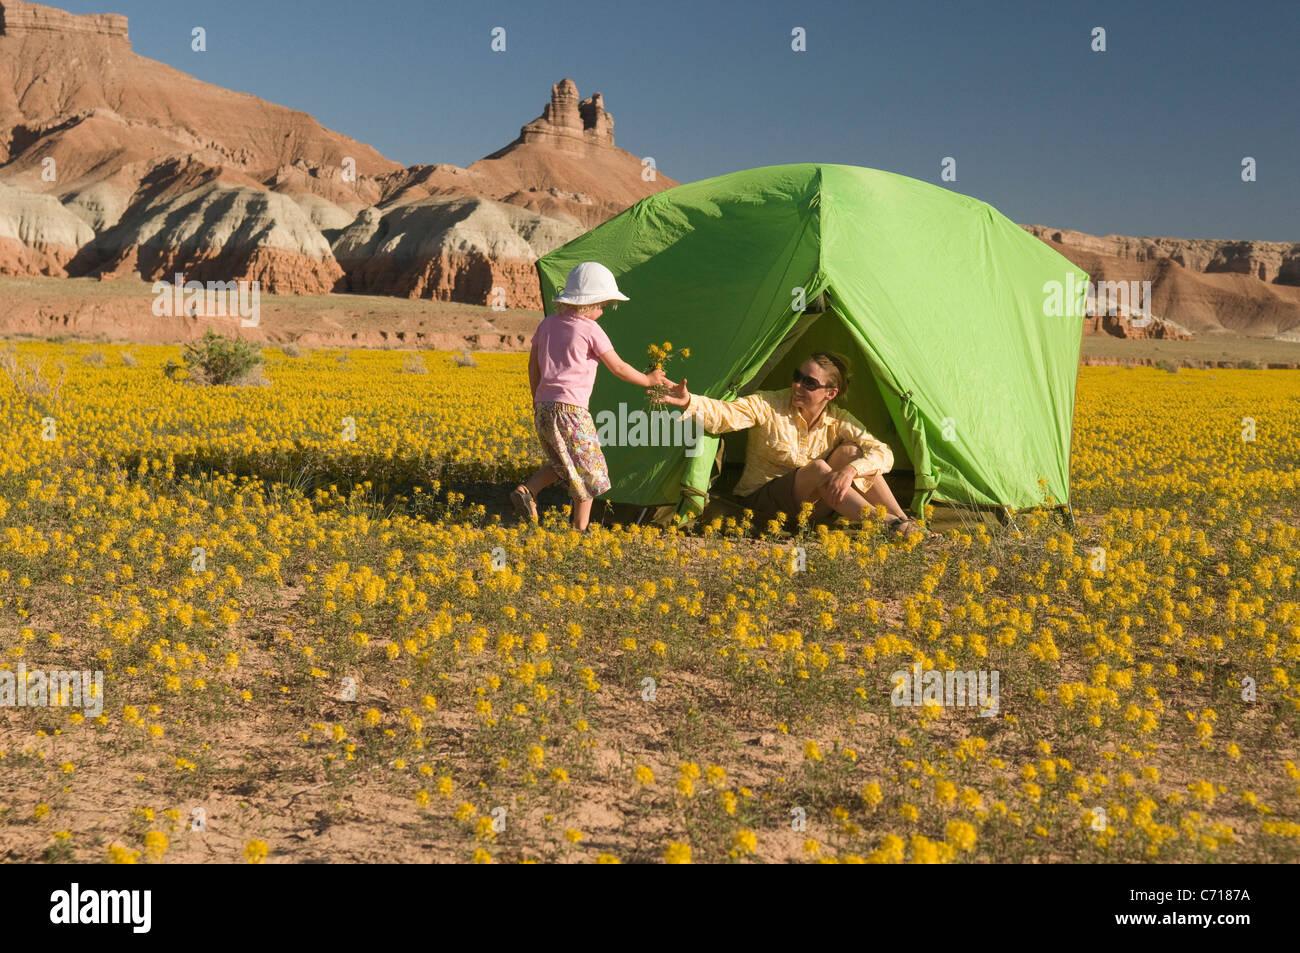 Apporter des fleurs fille de mère dans une tente, Hanksville, Utah. Photo Stock